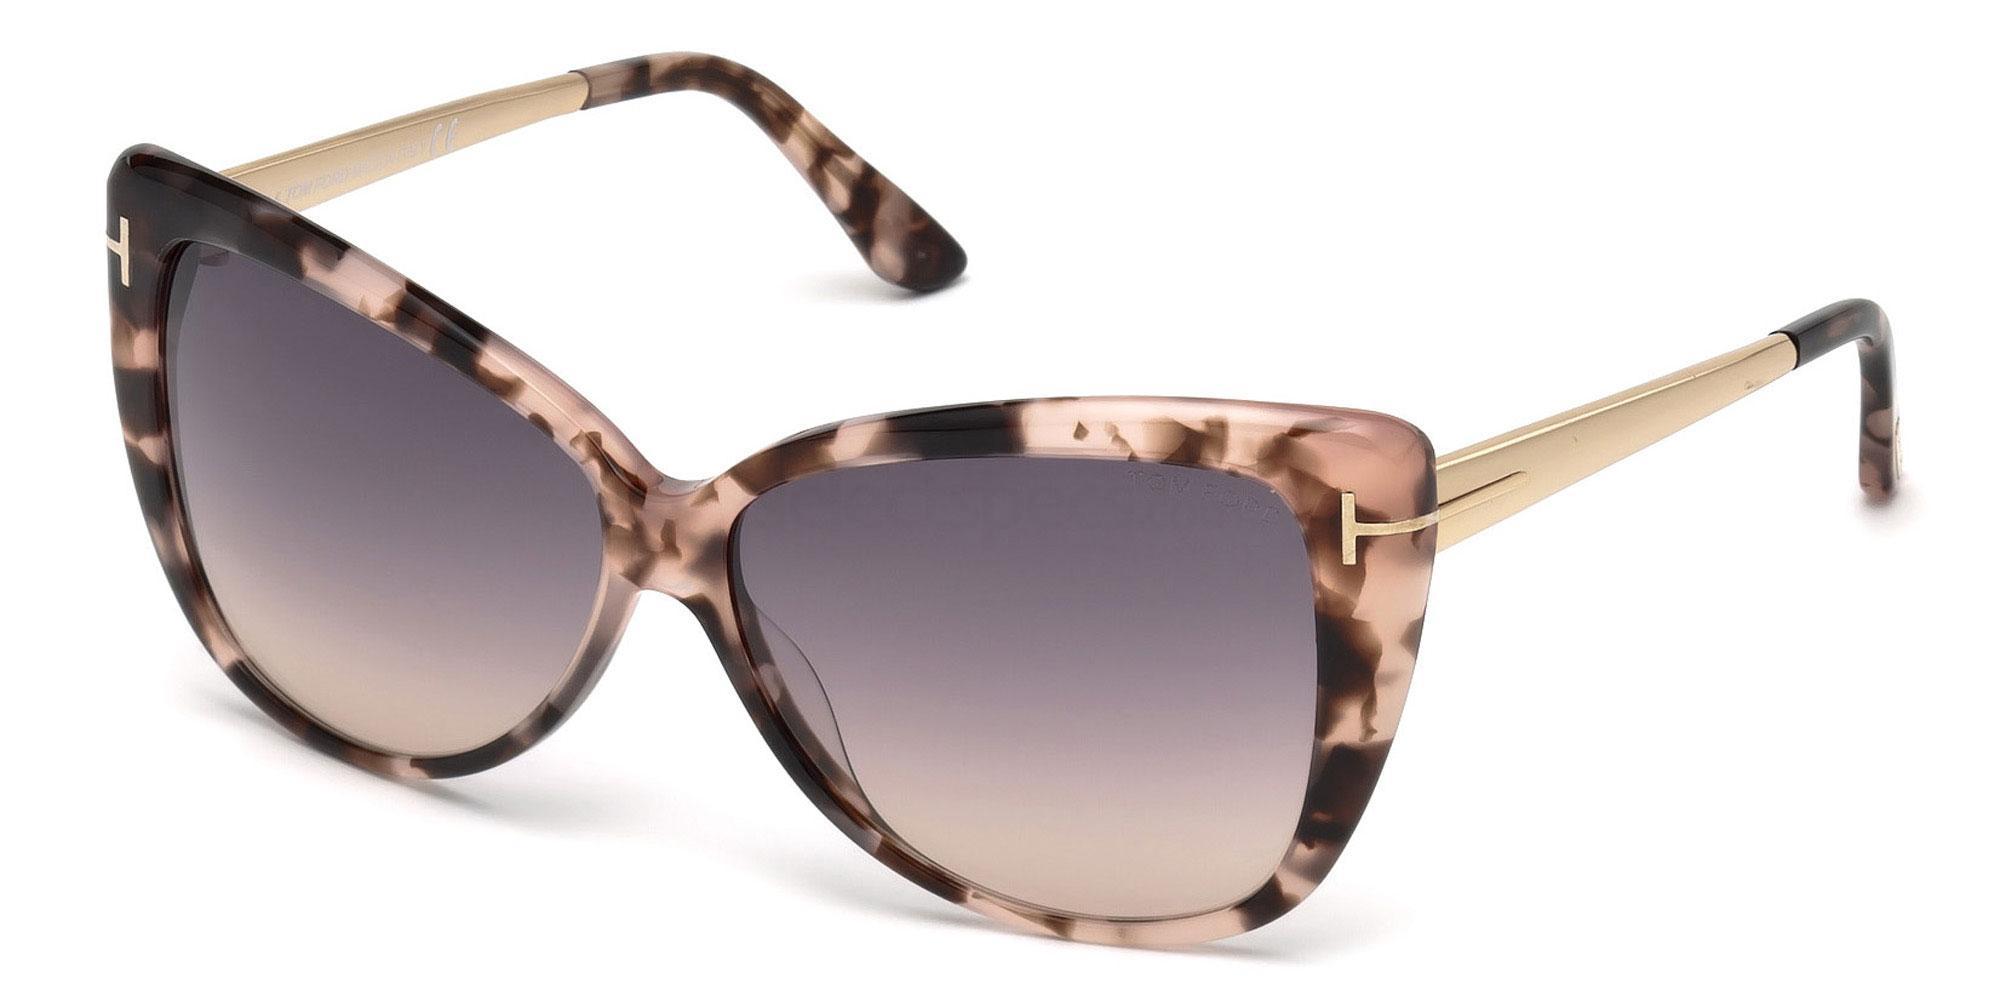 55B FT0512 Sunglasses, Tom Ford